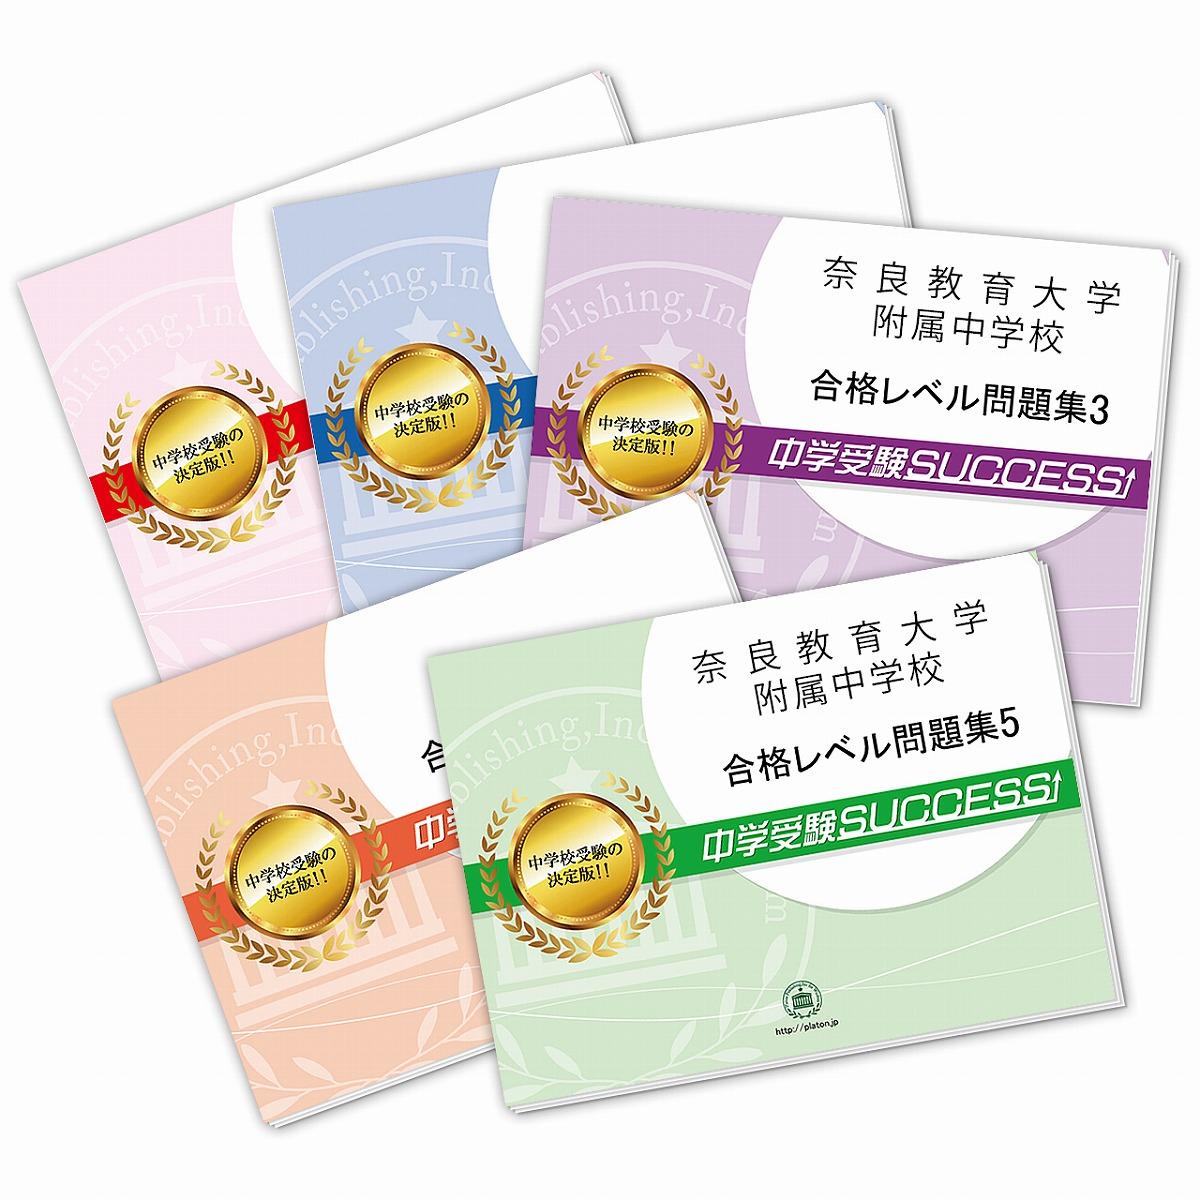 【送料・代引手数料無料】奈良教育大学附属中学校・直前対策合格セット(5冊)